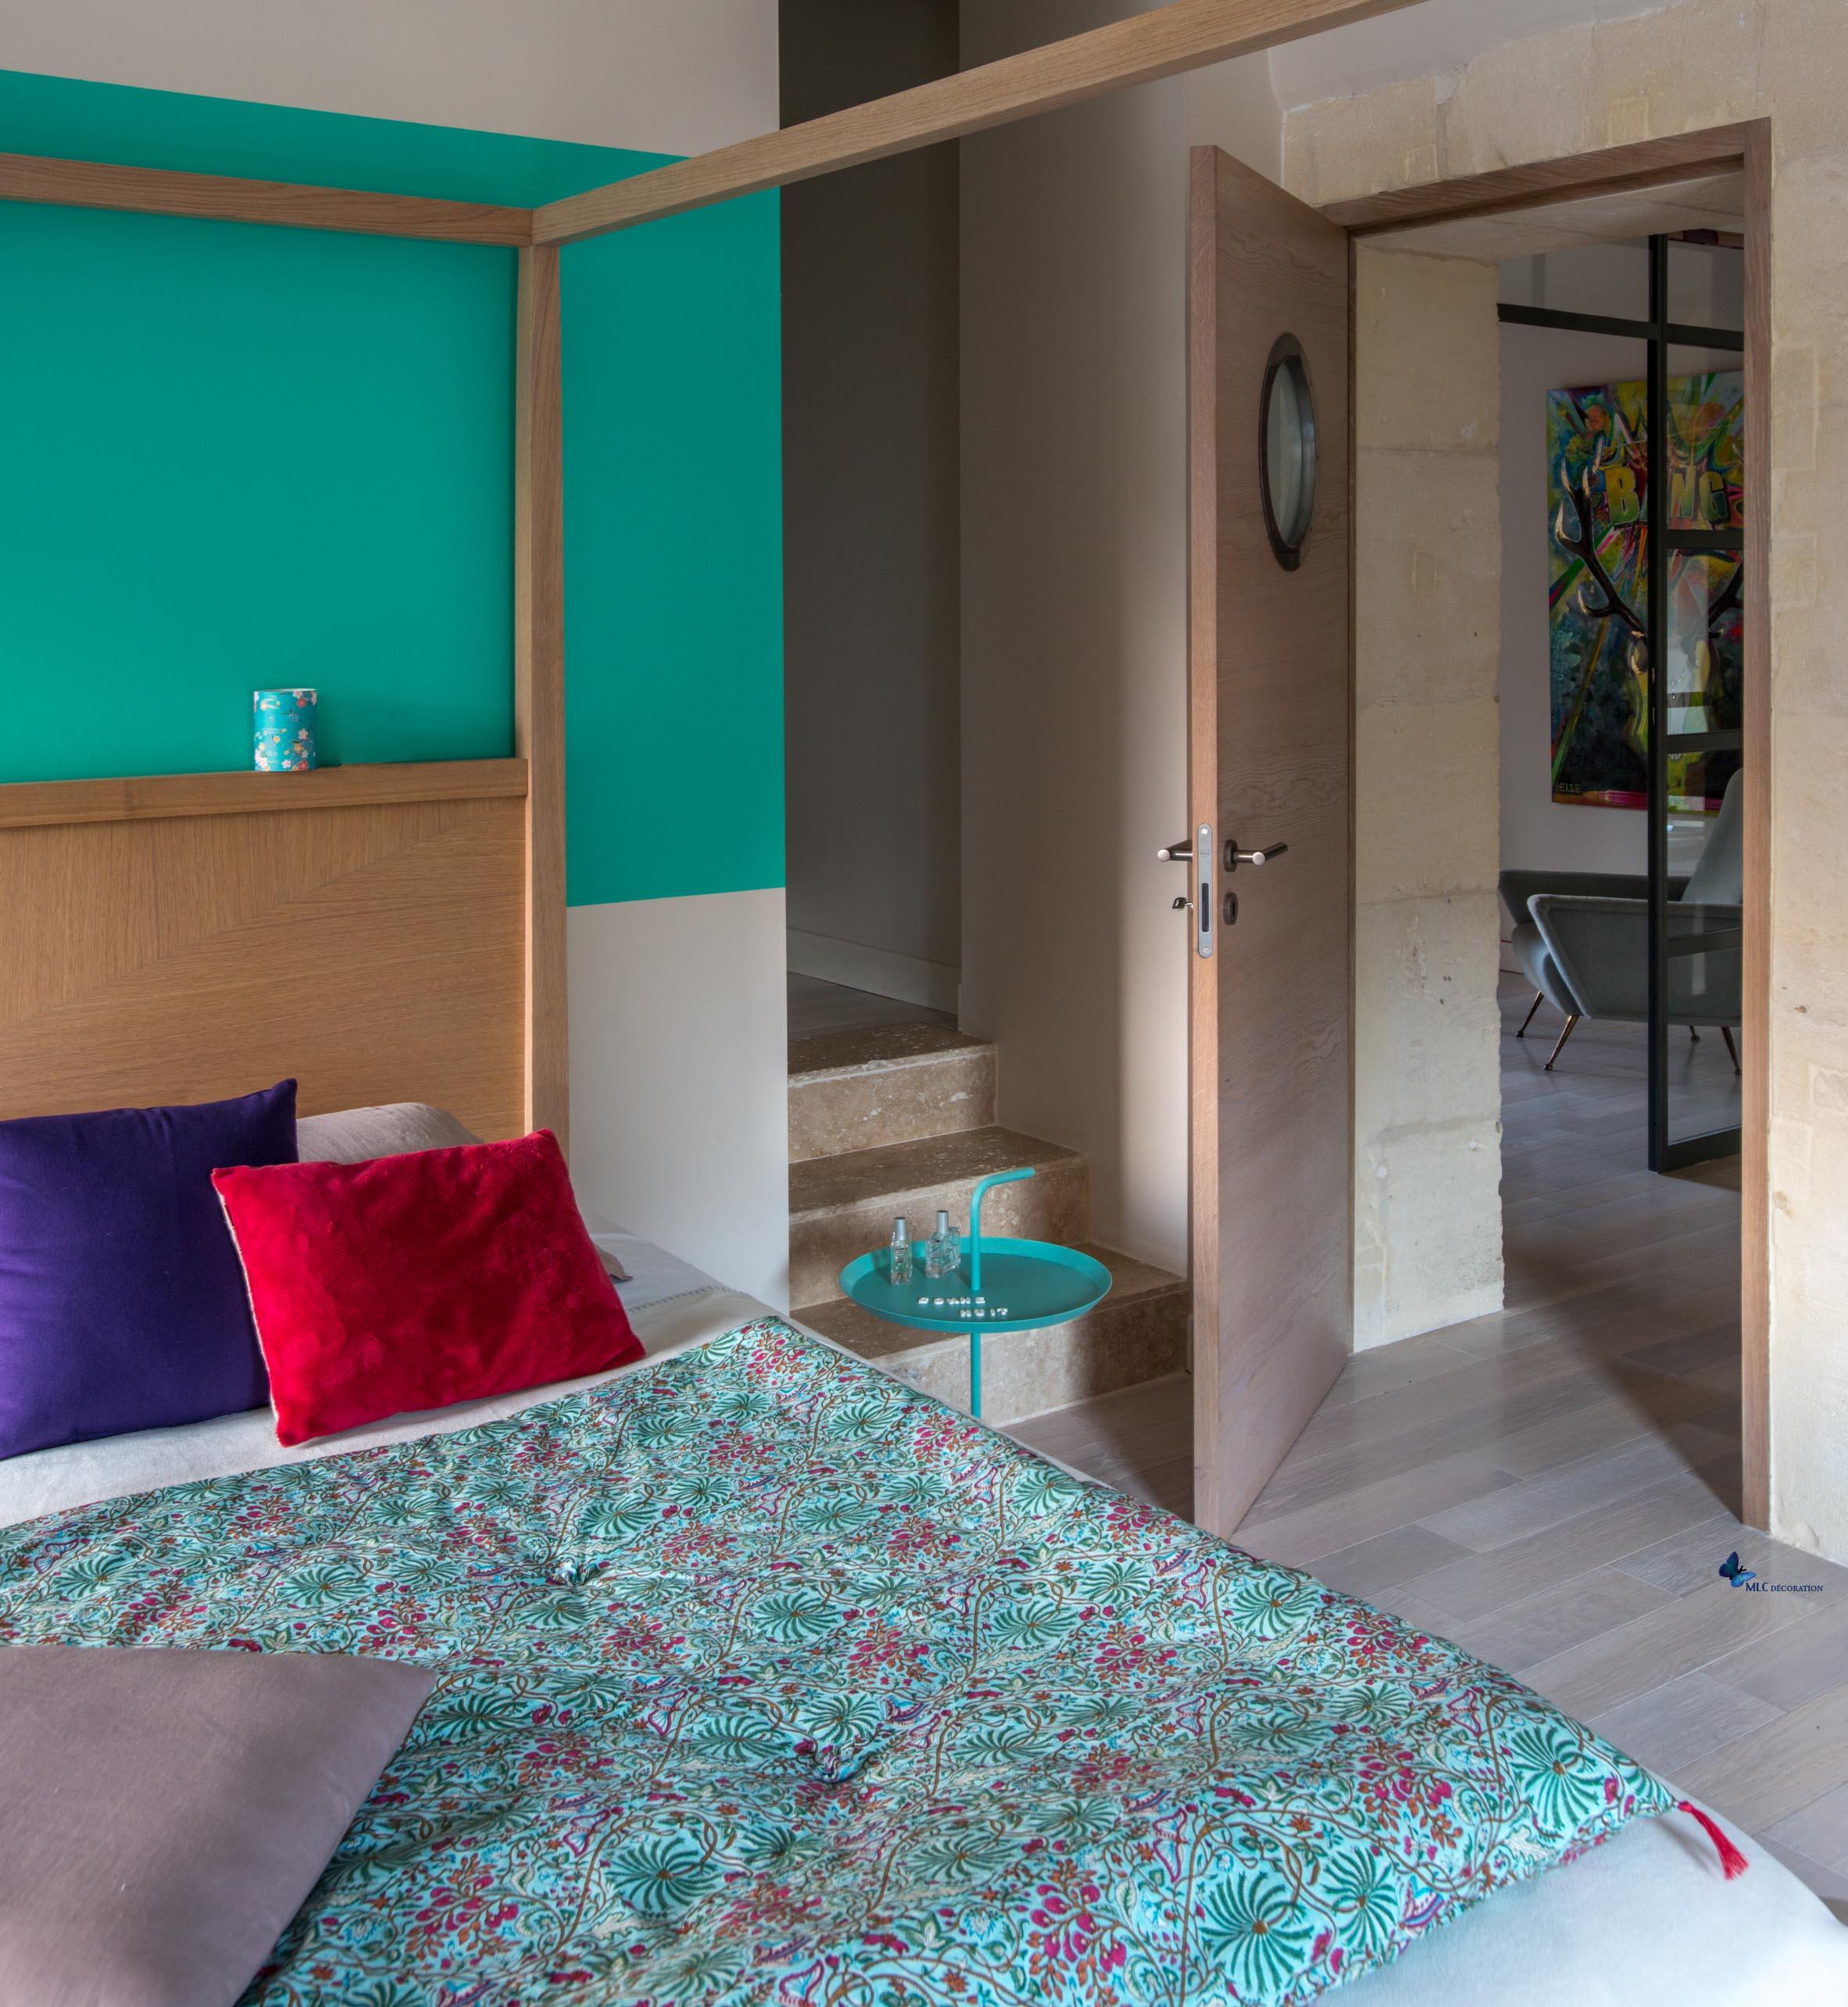 boutique caravane archives page 2 sur 3 le blog d co. Black Bedroom Furniture Sets. Home Design Ideas